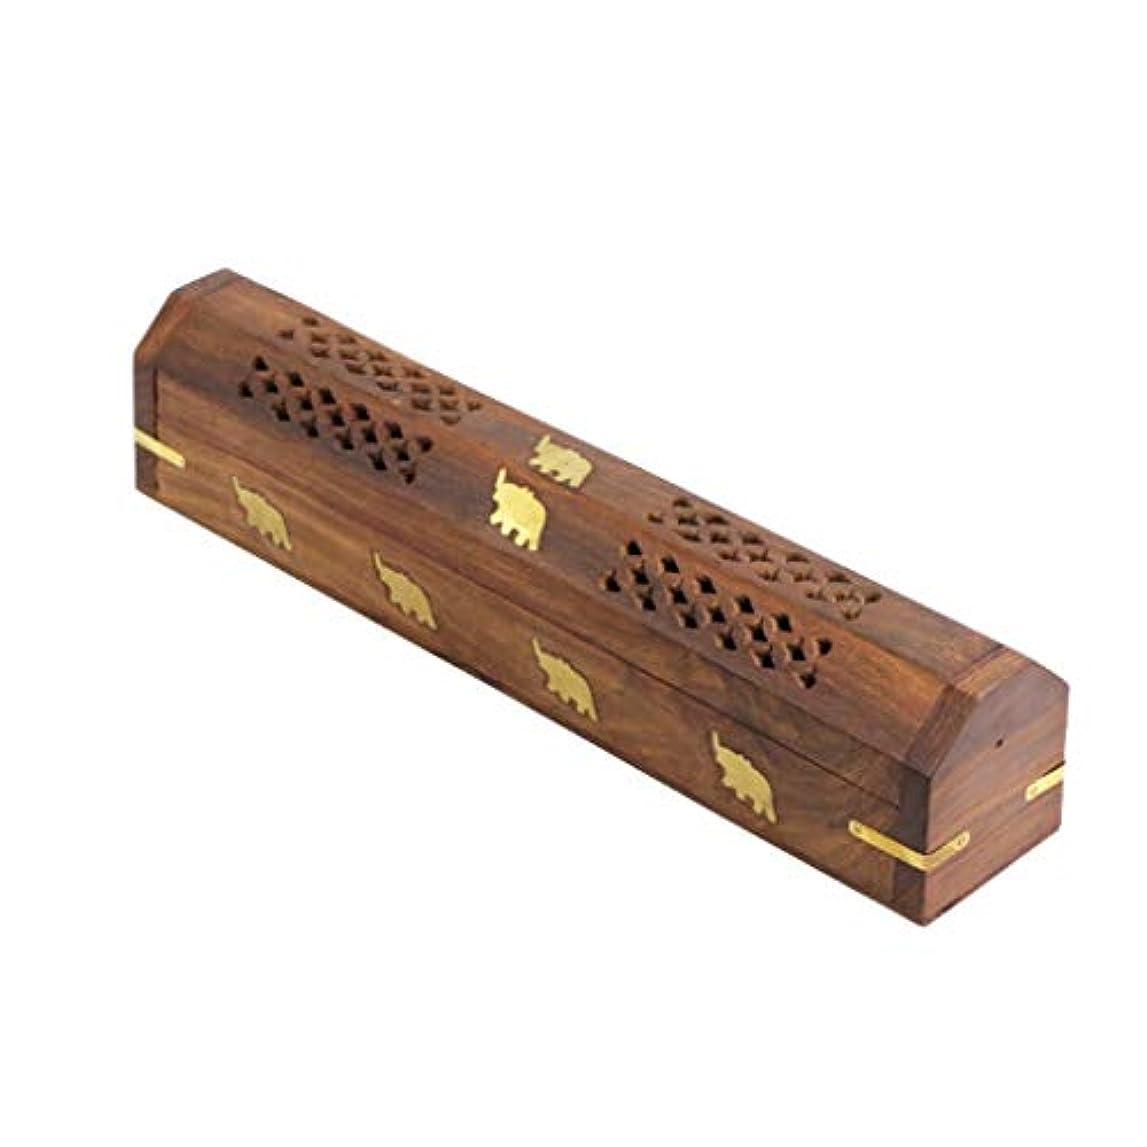 分析的古くなった光沢木製香ホルダーブラウン香スティックバーナーホルダーアッシュキャッチャーホームフレグランス装飾品香炉 (Color : Brown, サイズ : 12*2.2*2.36inchs)